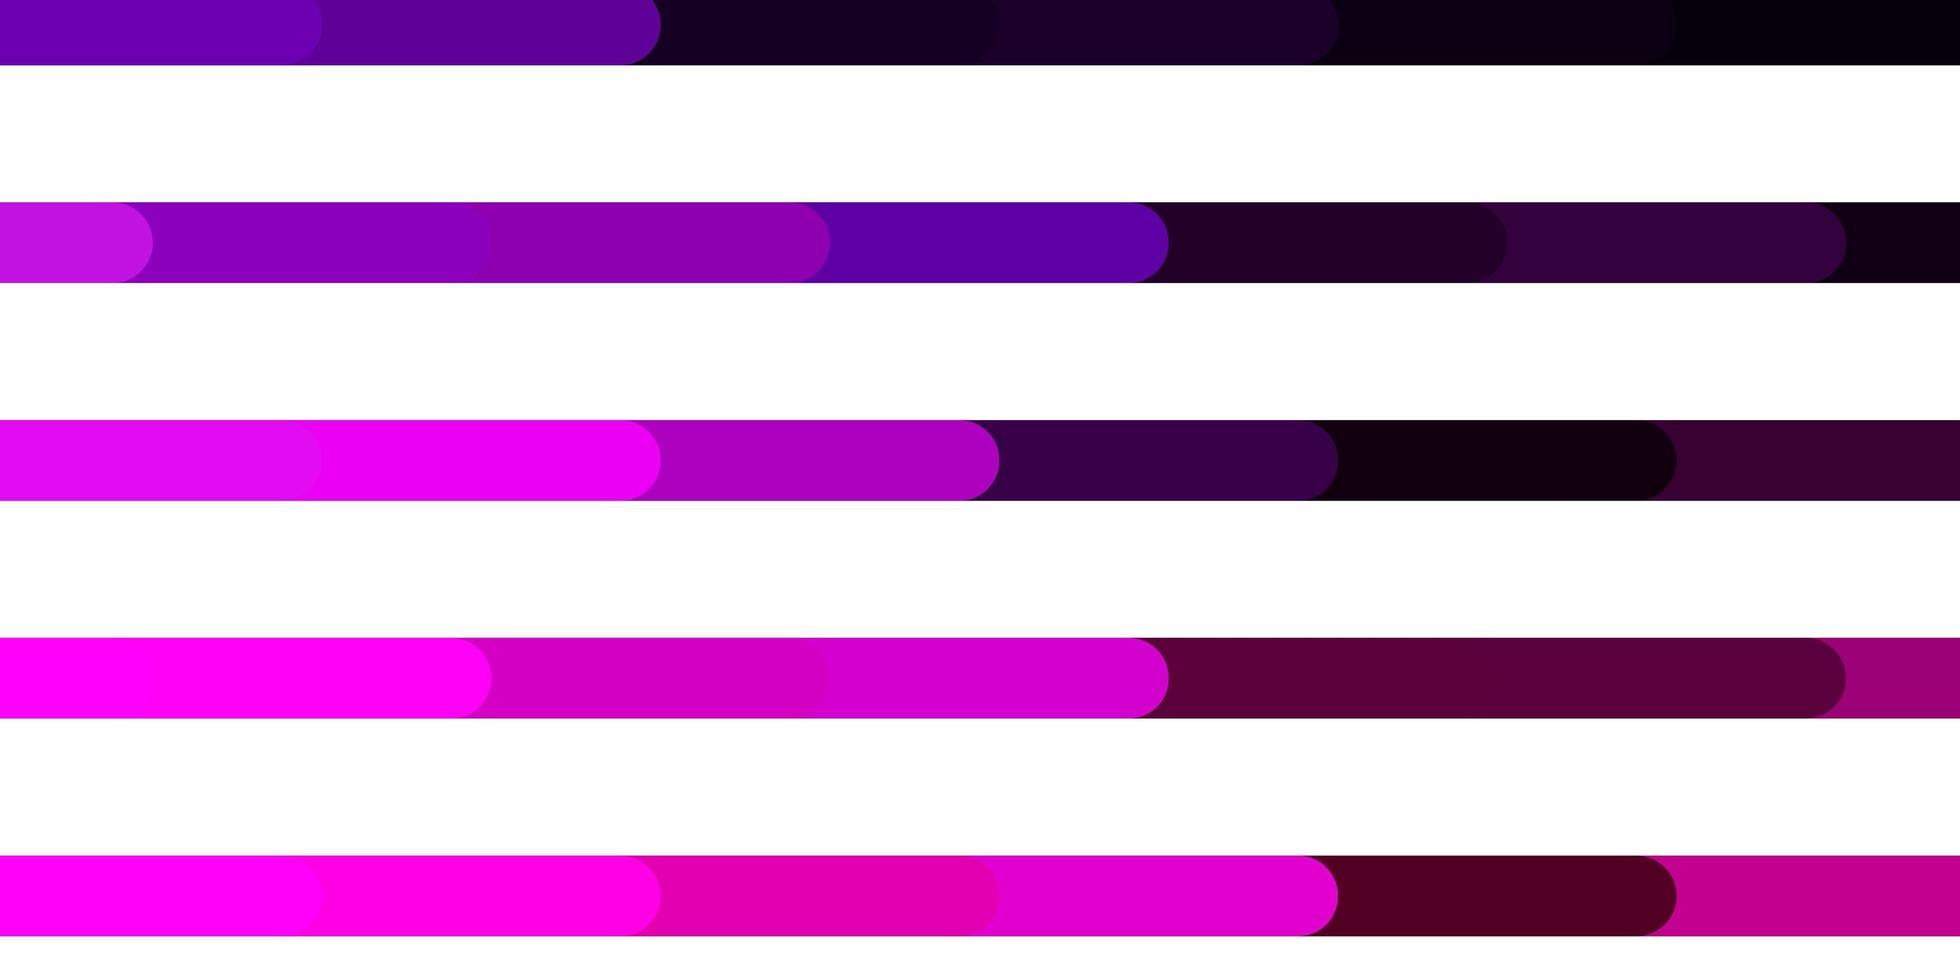 mörk lila, rosa vektor konsistens med linjer.